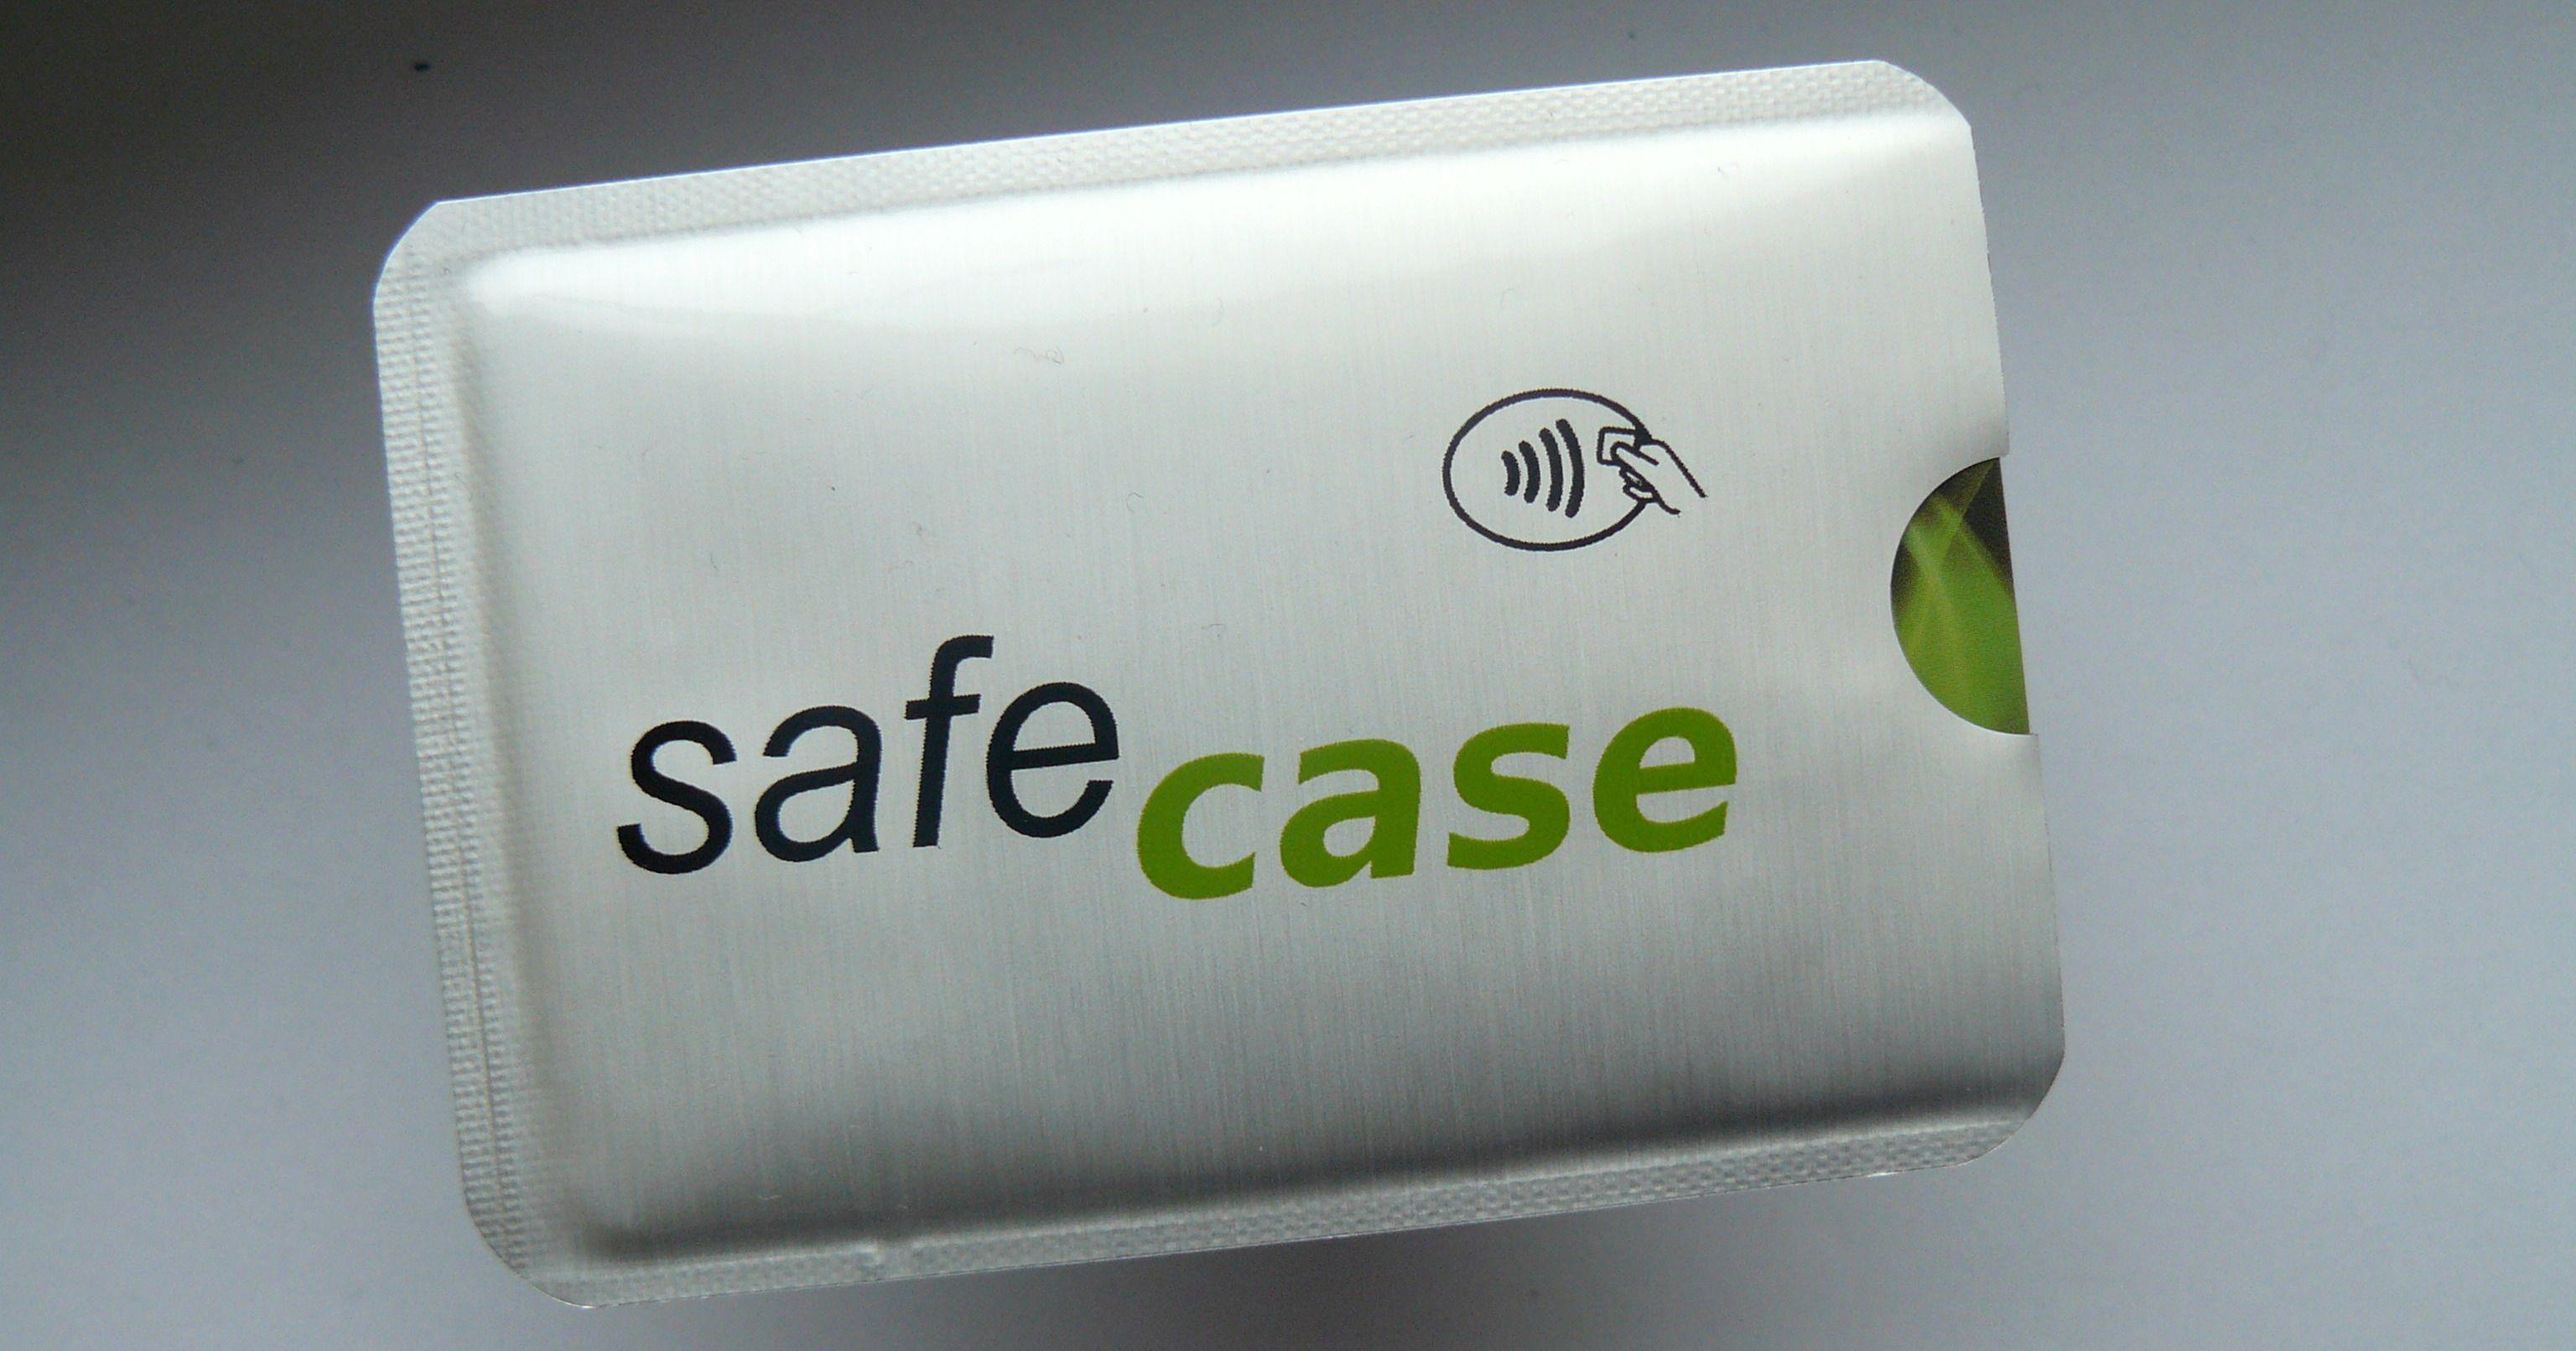 Safe Case Etui Na Karty Zblizeniowe Paypass 3629963485 Oficjalne Archiwum Allegro Sheet Pan Case